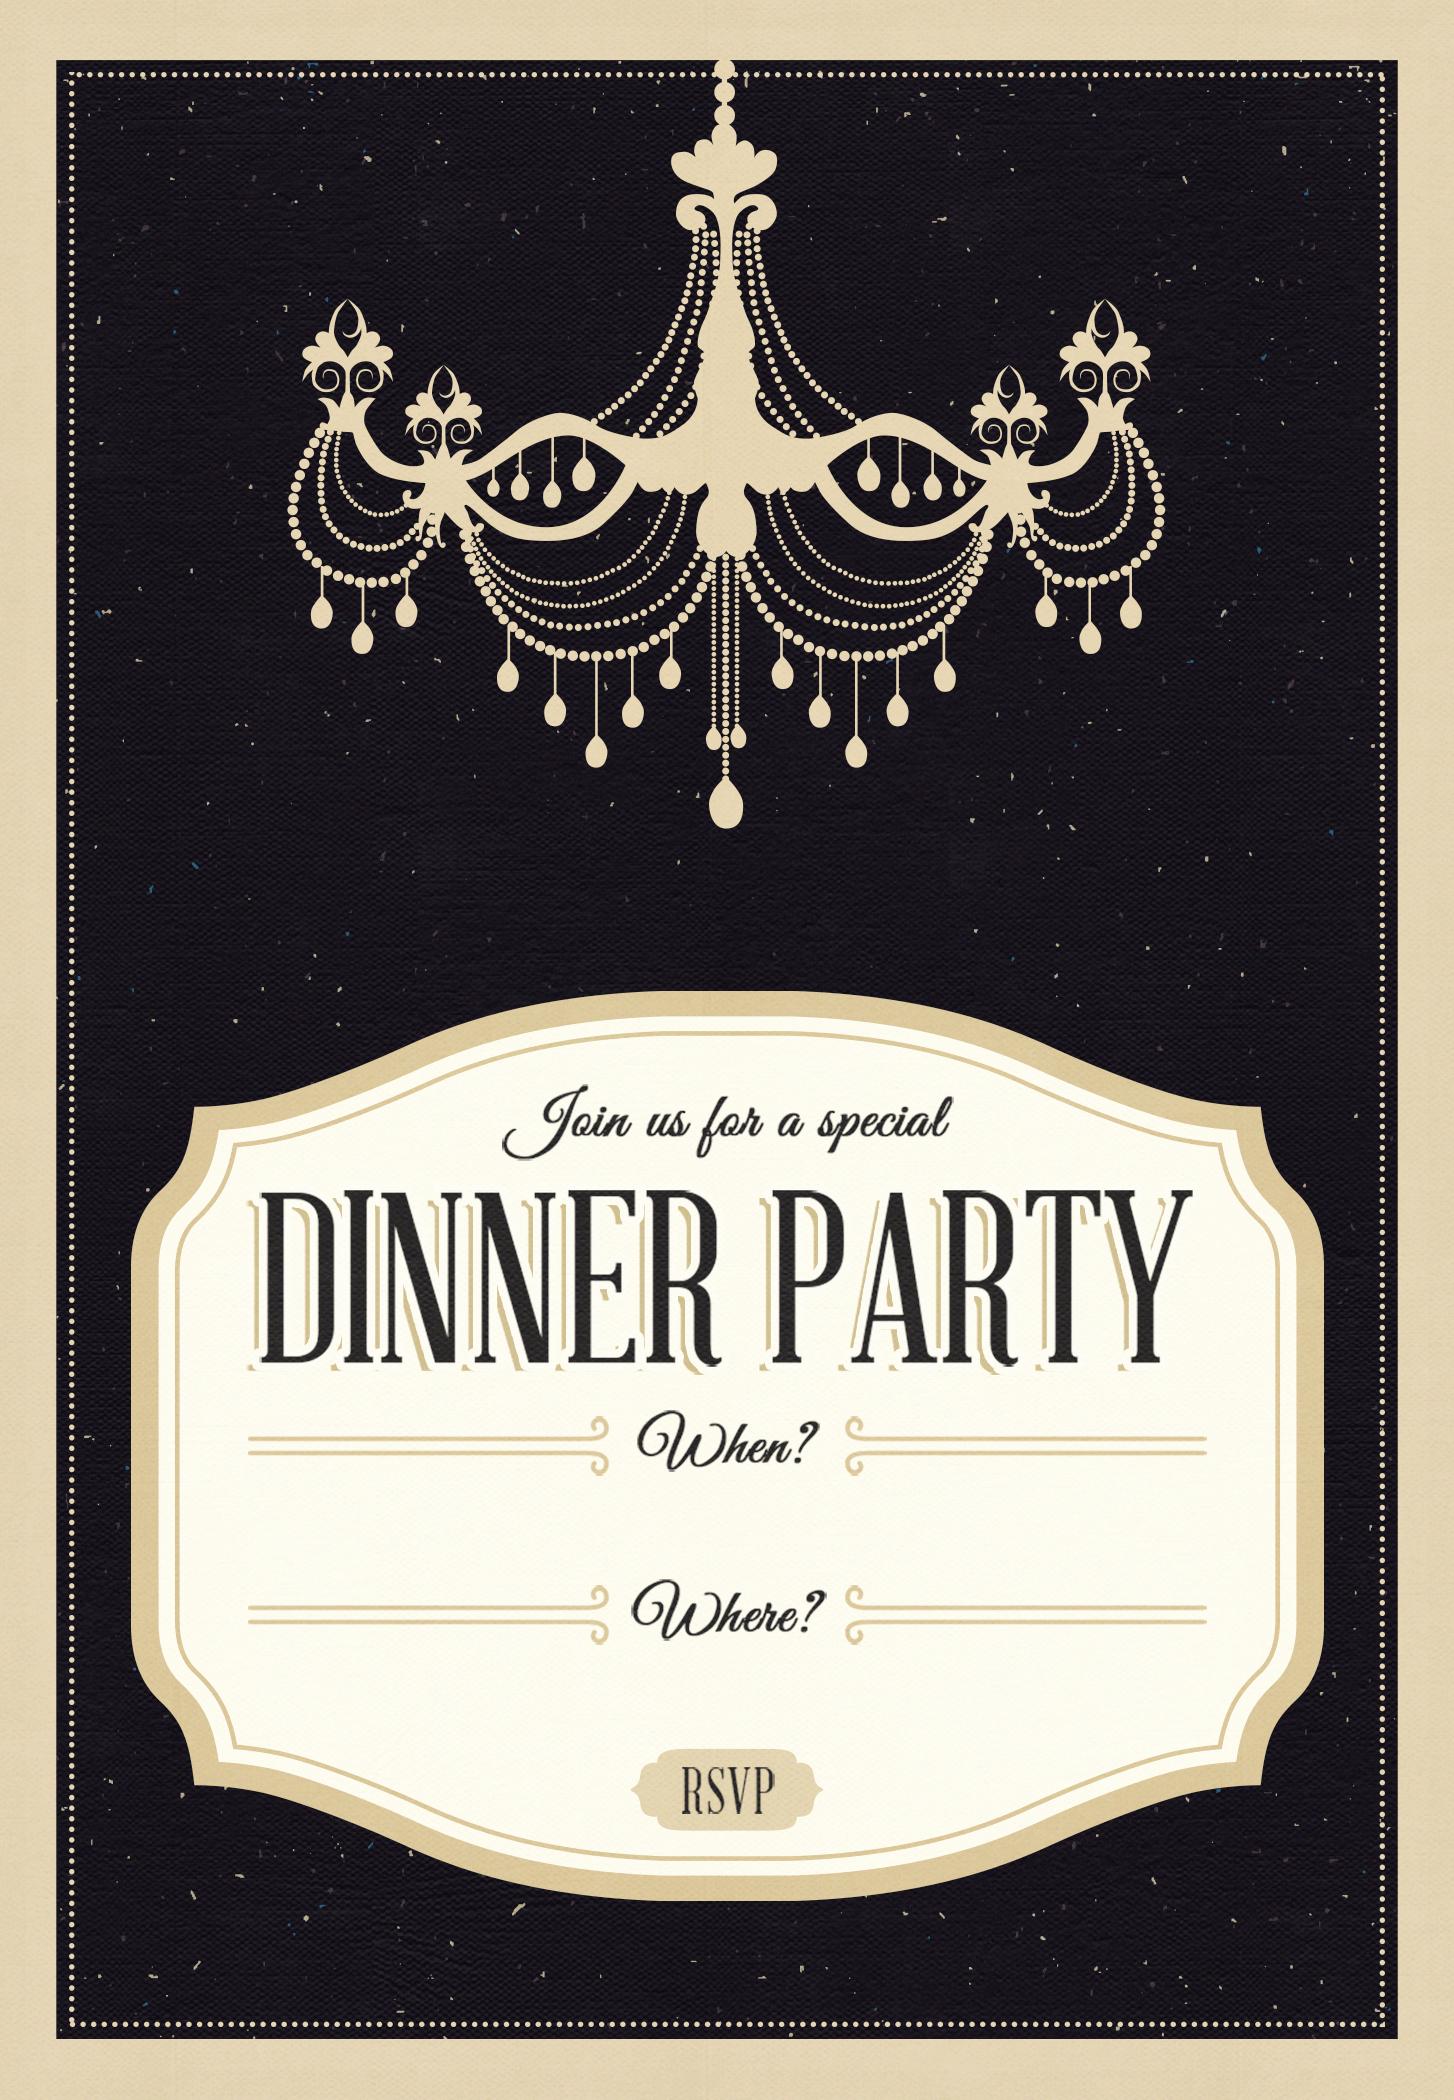 Free Printable Dinner Invitations Luxury Classy Chandelier Free Printable Dinner Party Invitation